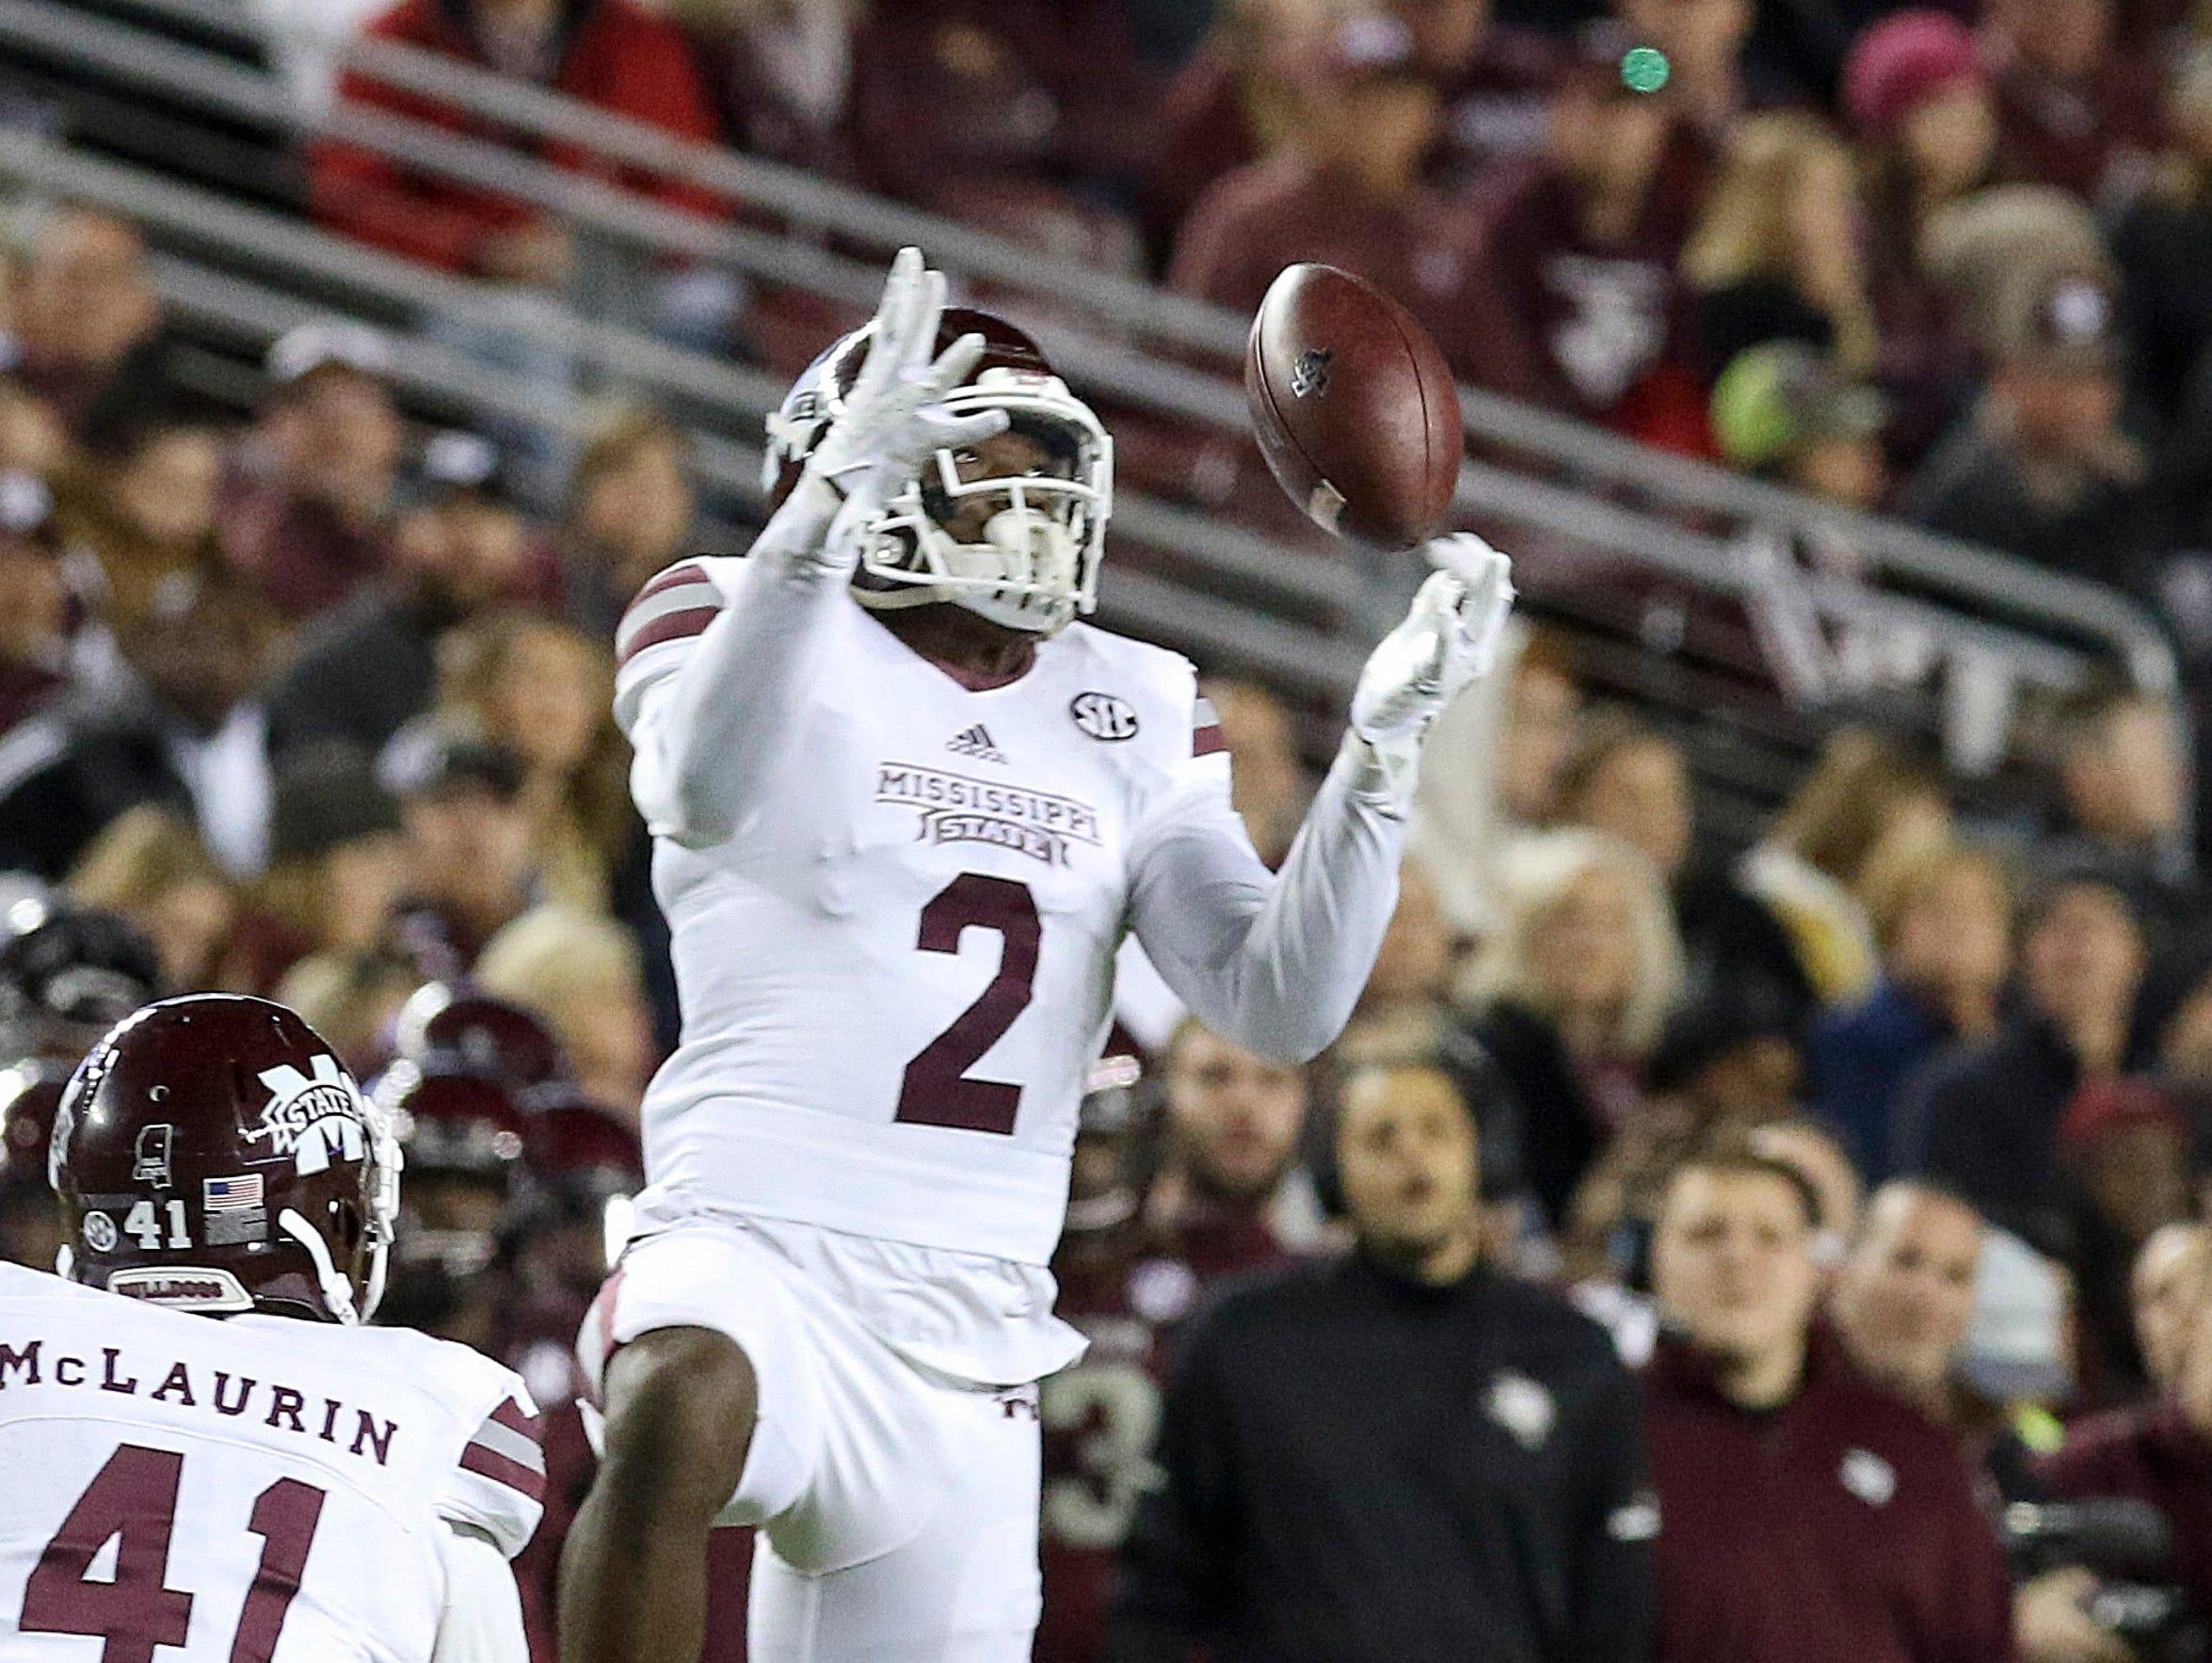 Mississippi State defensive back Jamal Peters, a former